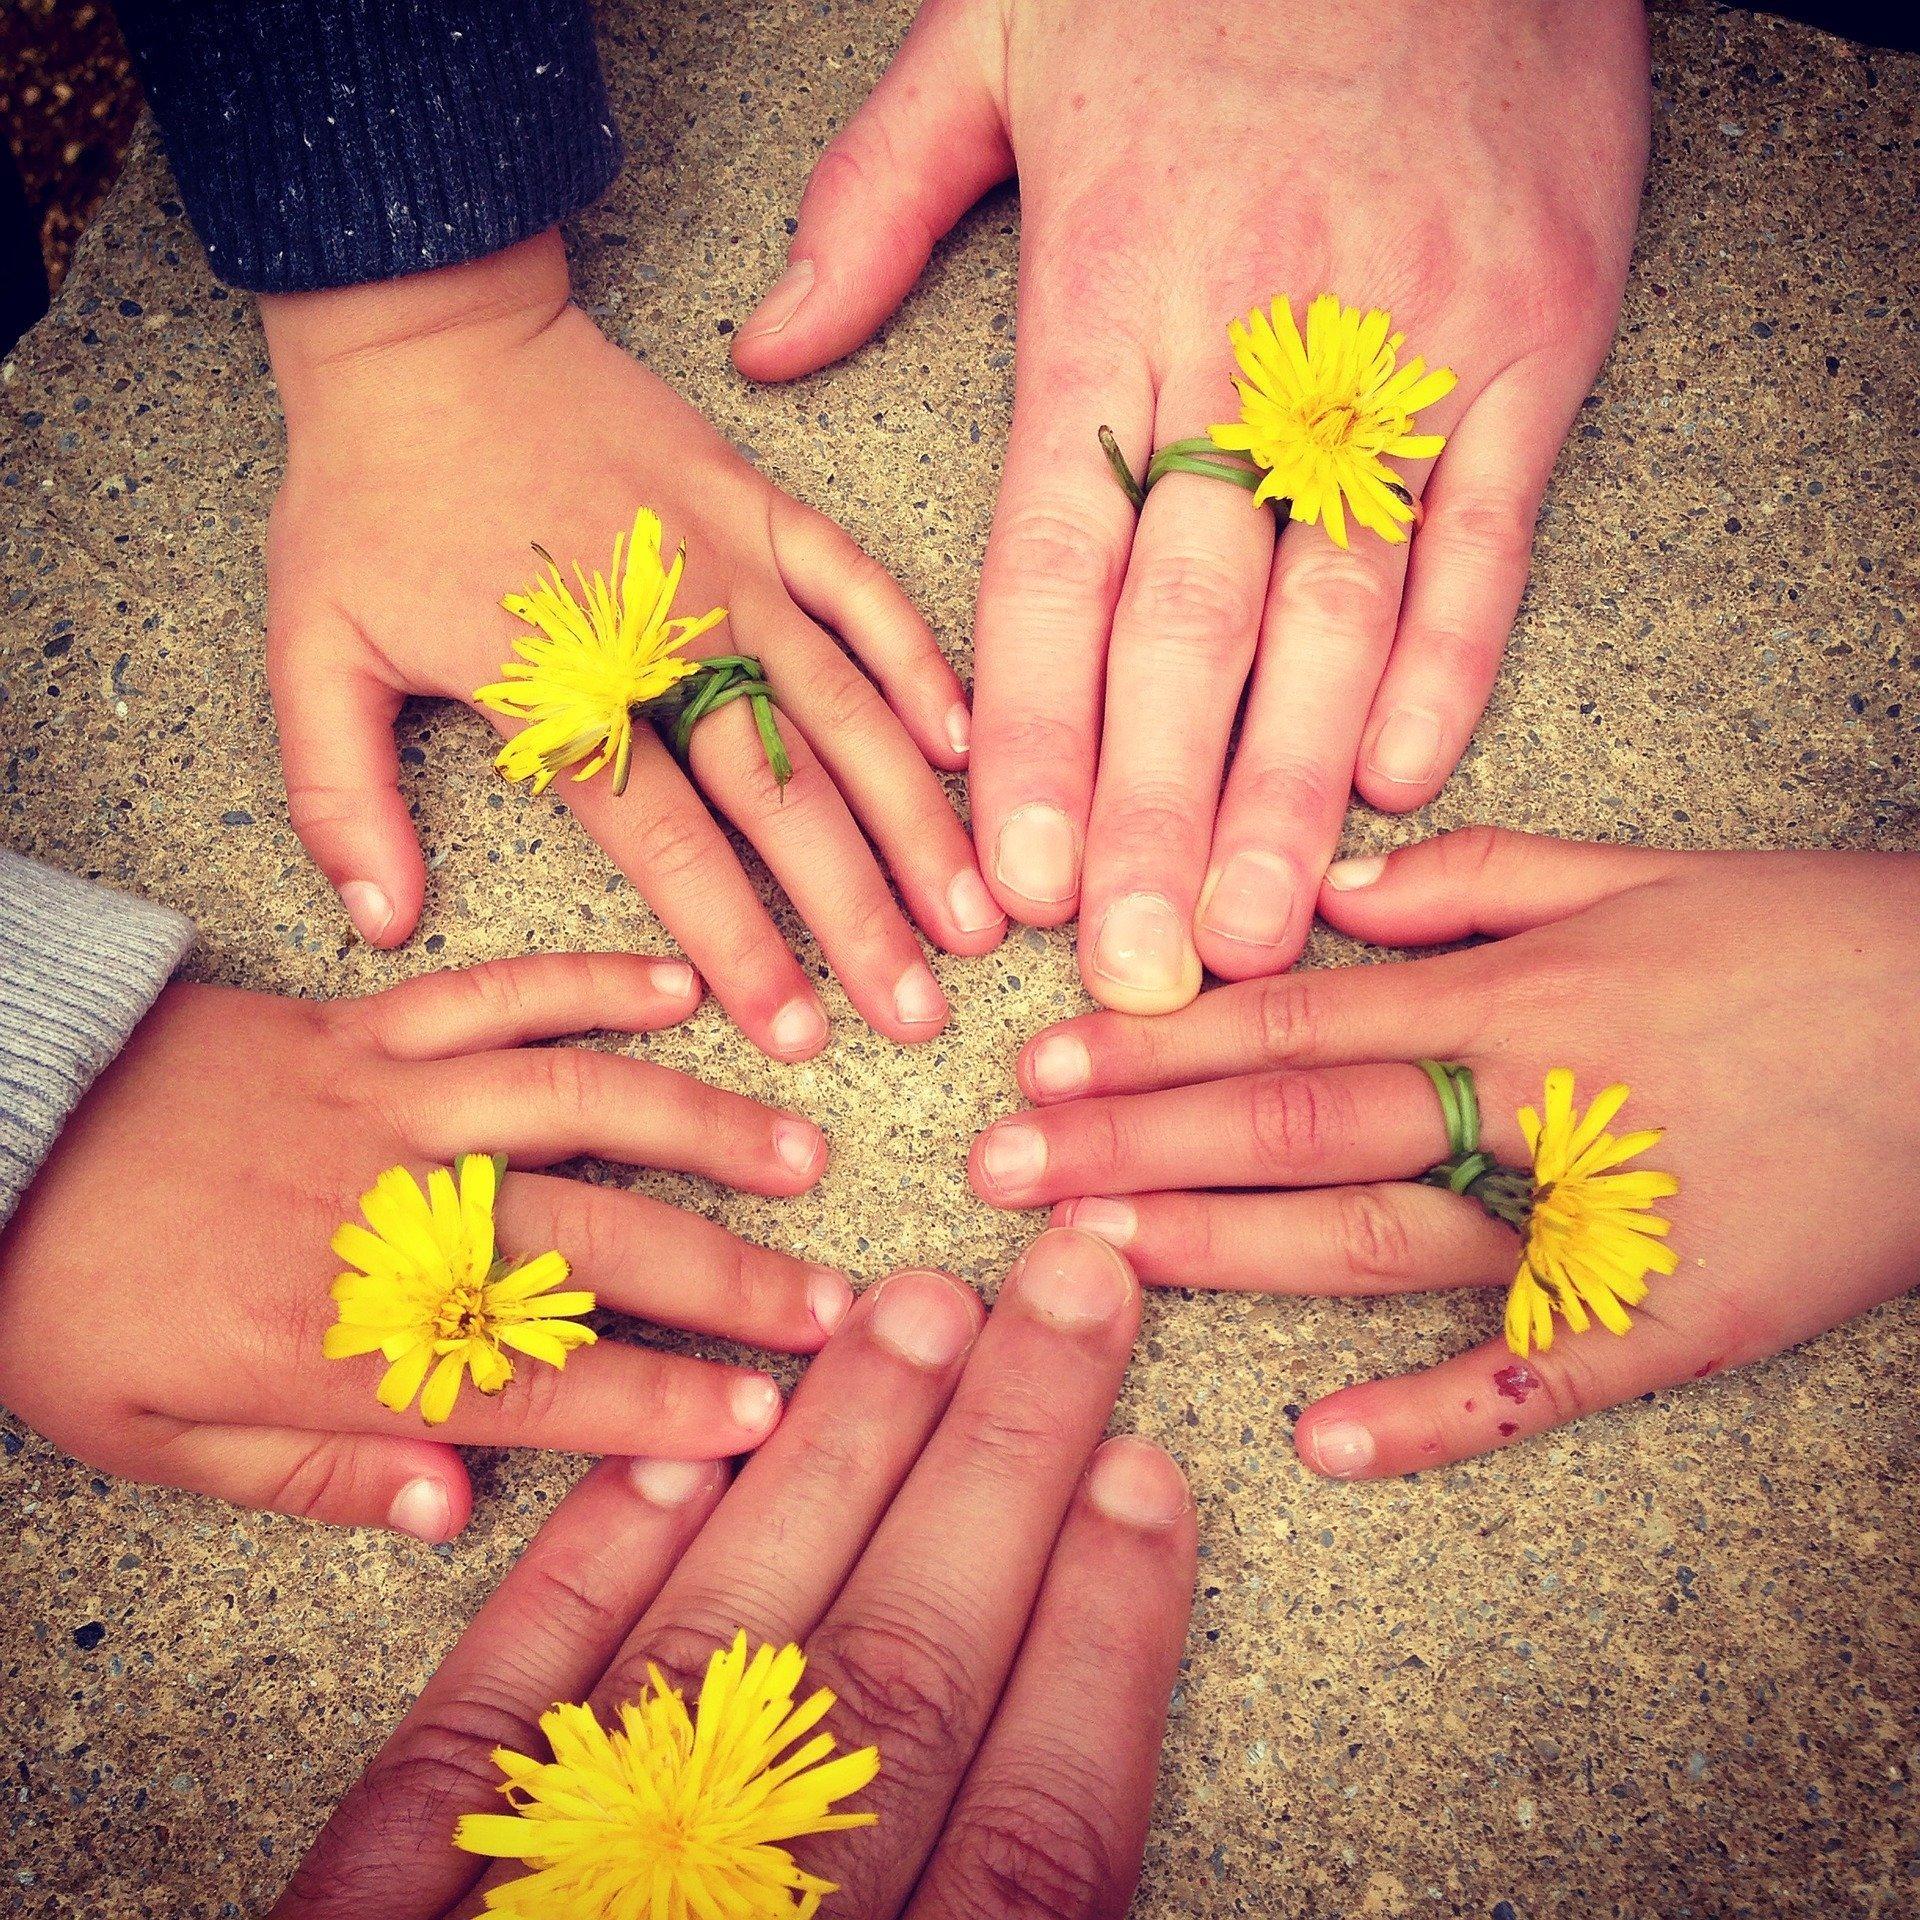 Familie Hände